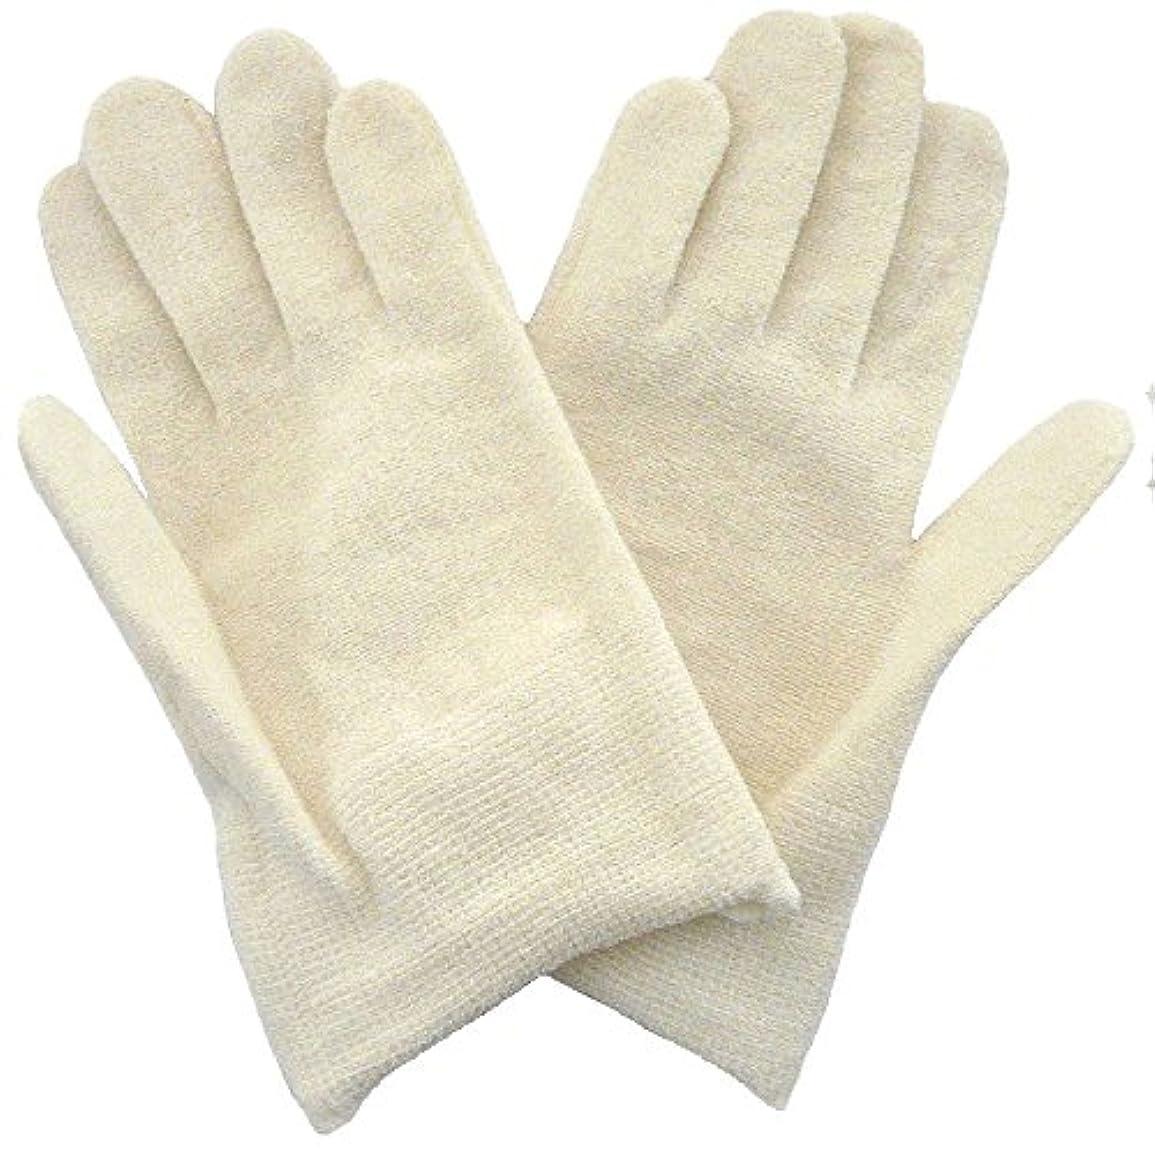 囲い言語パリティ【アトピー】【水疱瘡】【皮膚炎】 ナノミックス おやすみ手袋:キッズ用 アイボリー